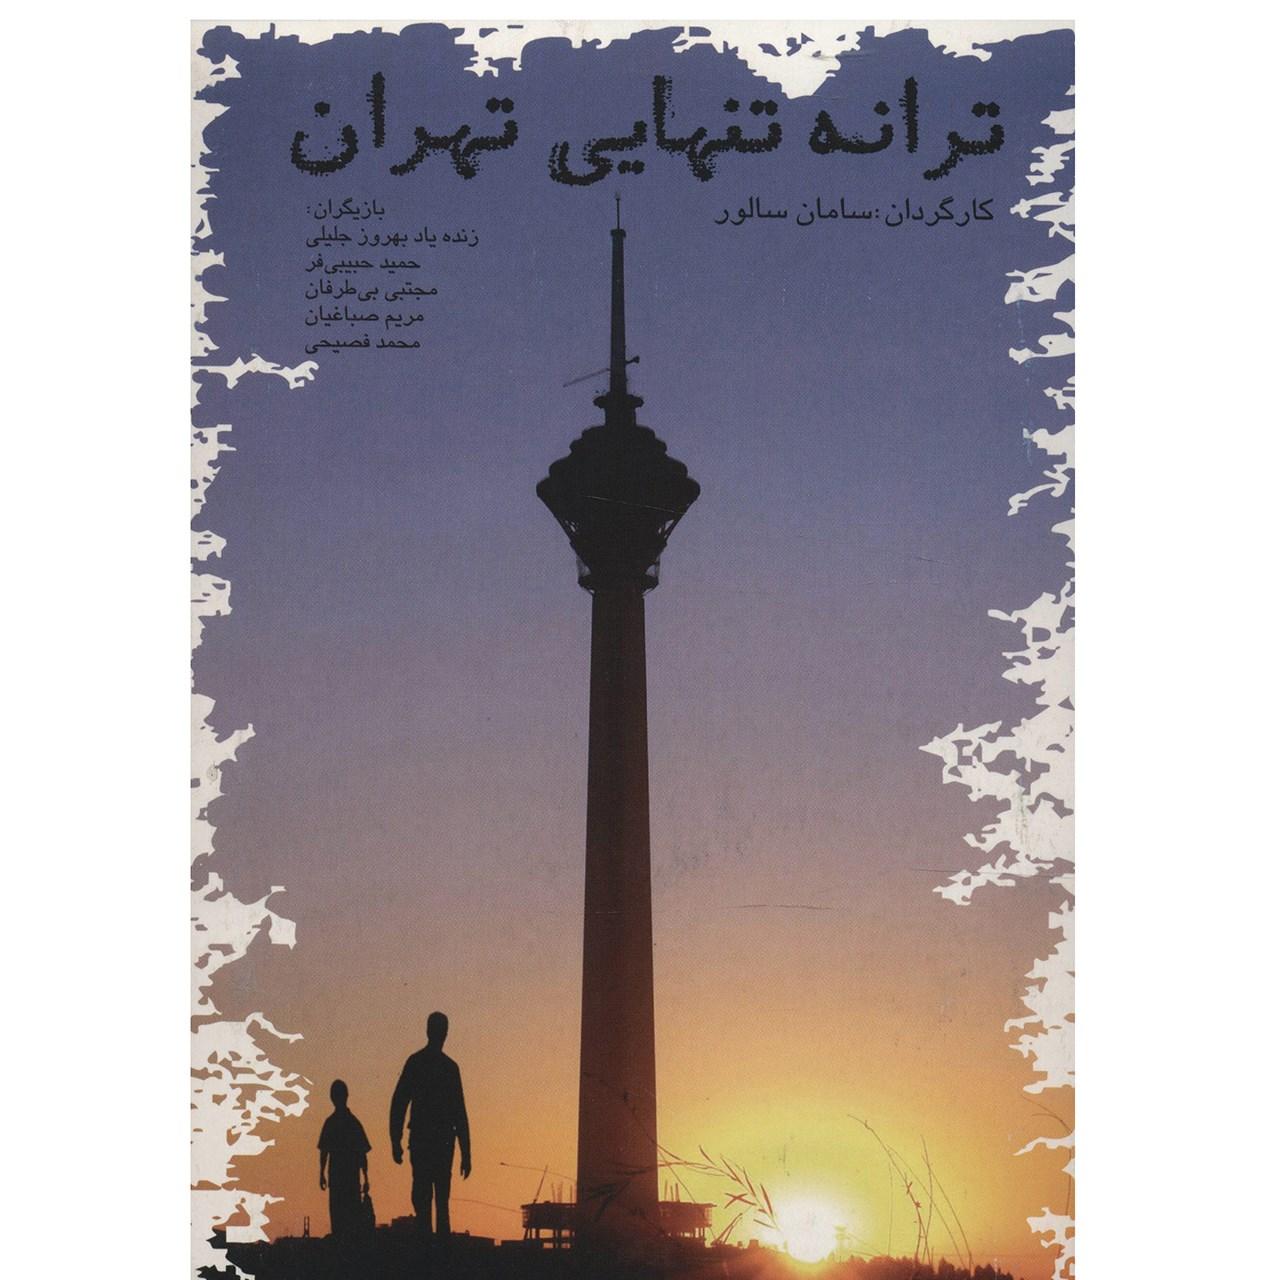 فیلم سینمایی ترانه تنهایی تهران اثر سامان سالور